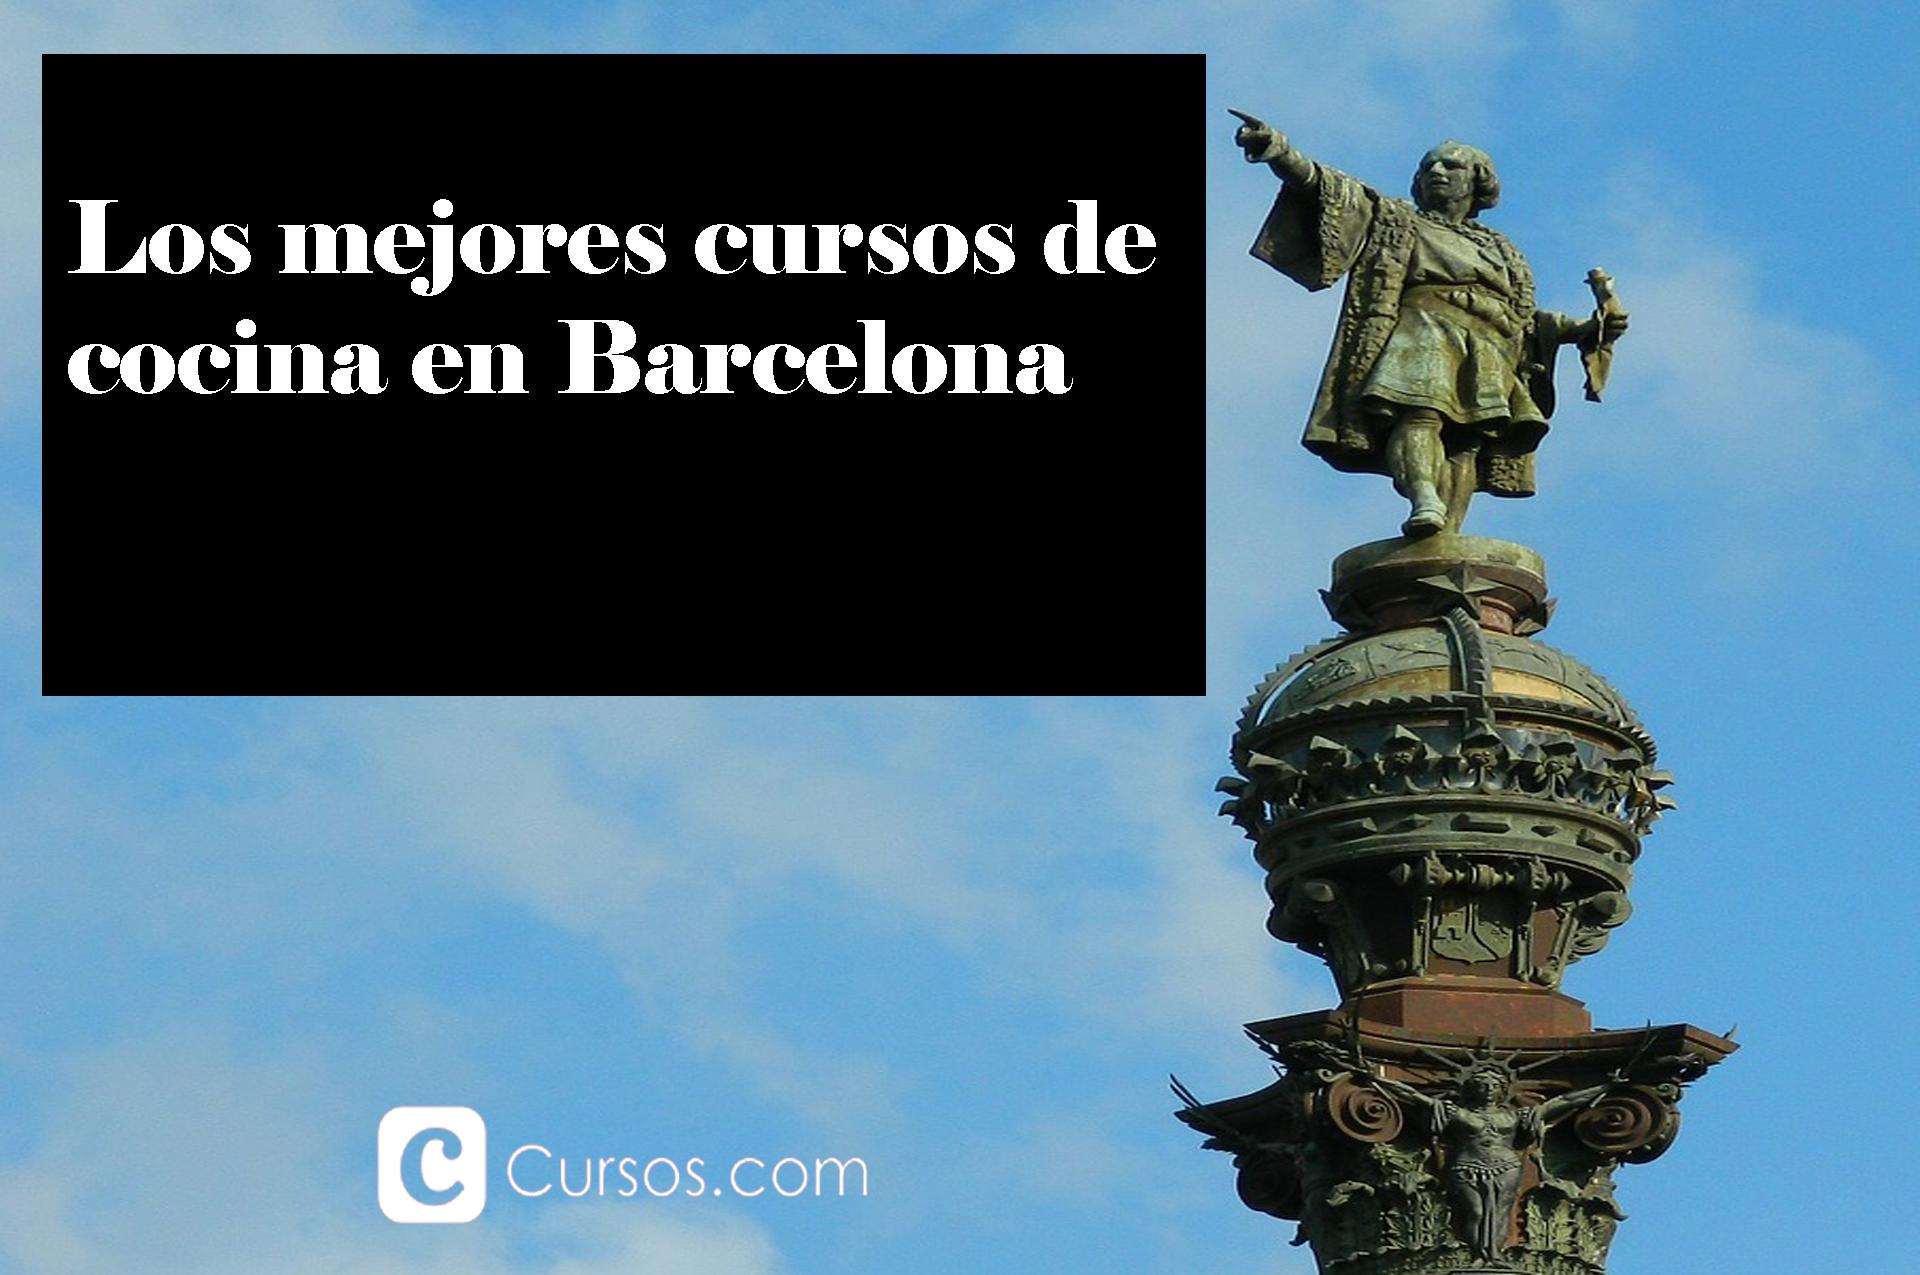 Los mejores cursos de cocina en barcelona for Cursos de cocina en badajoz